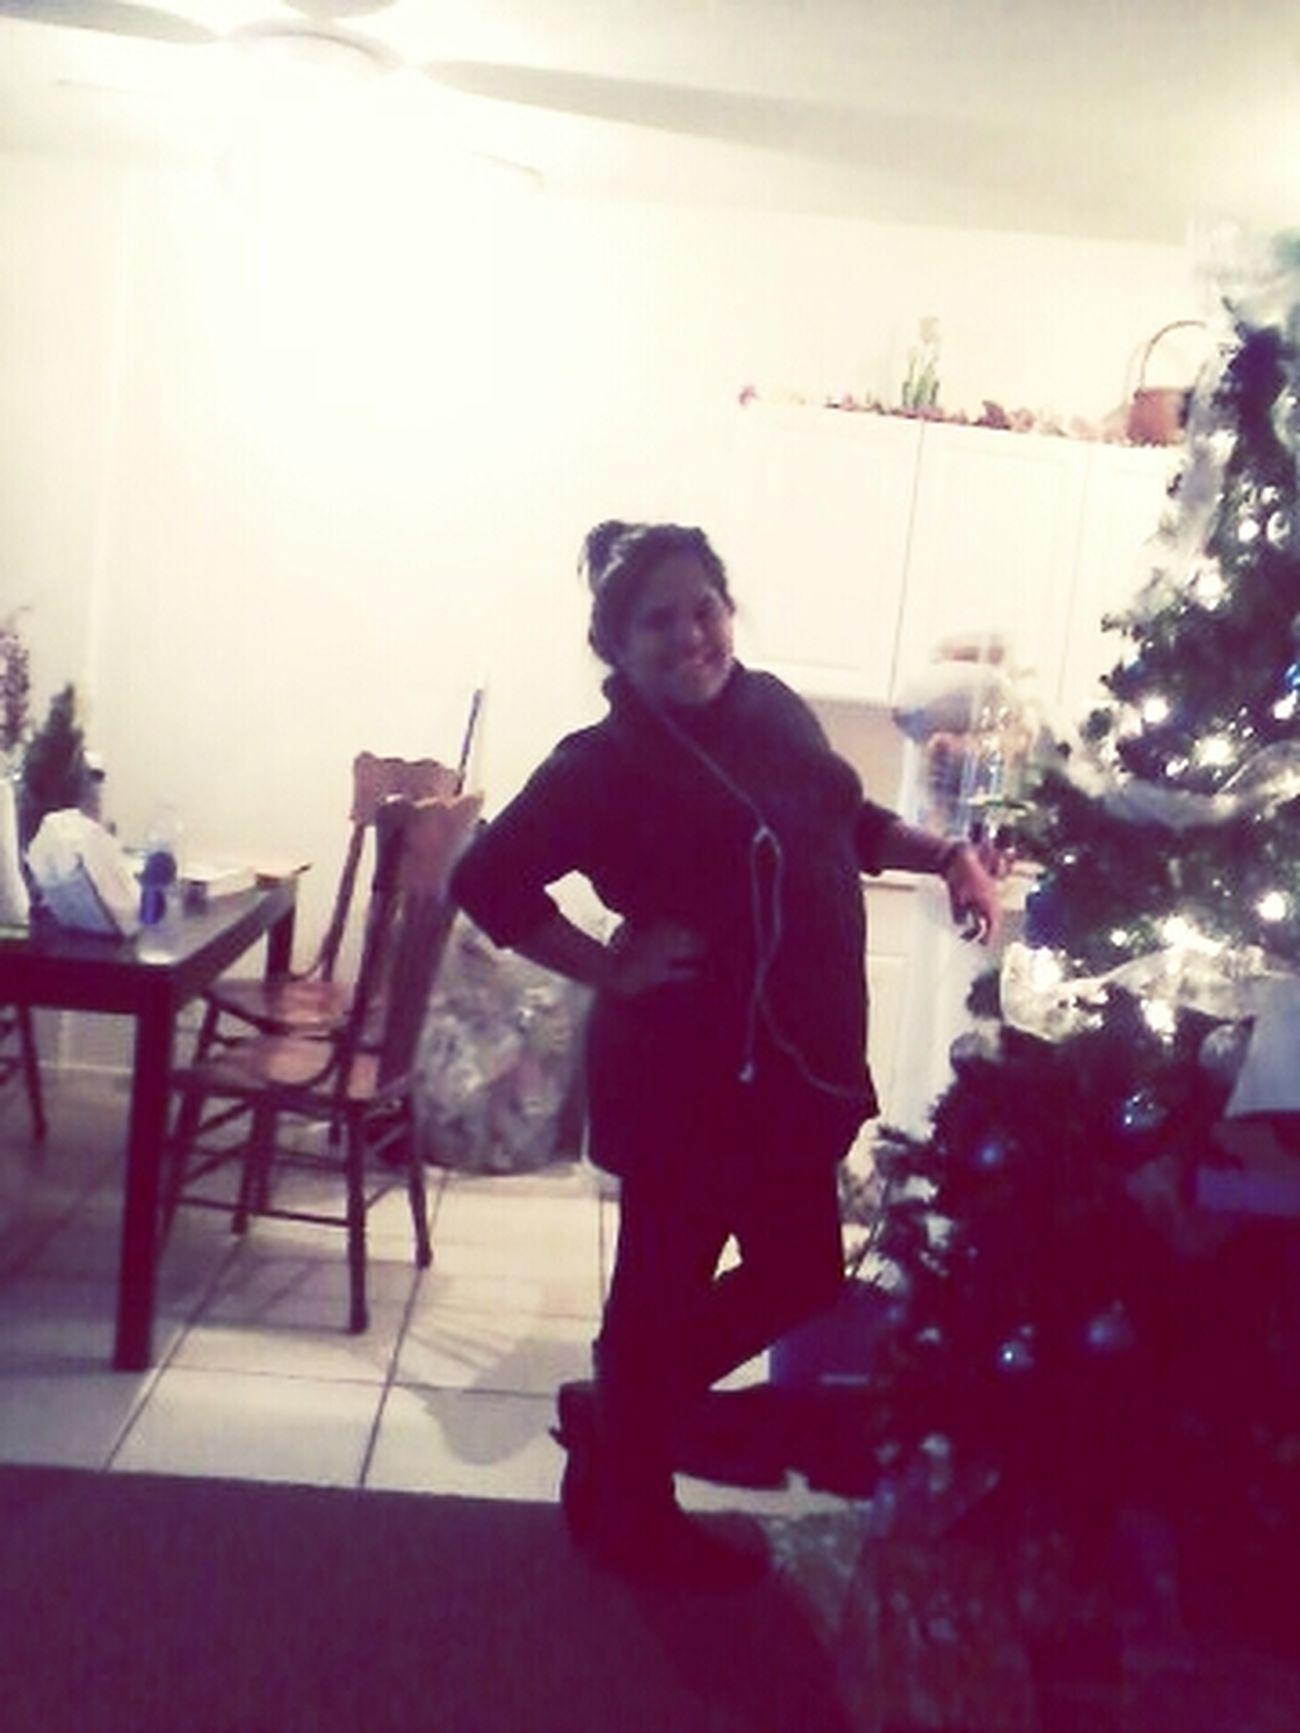 Christmas tweeeee